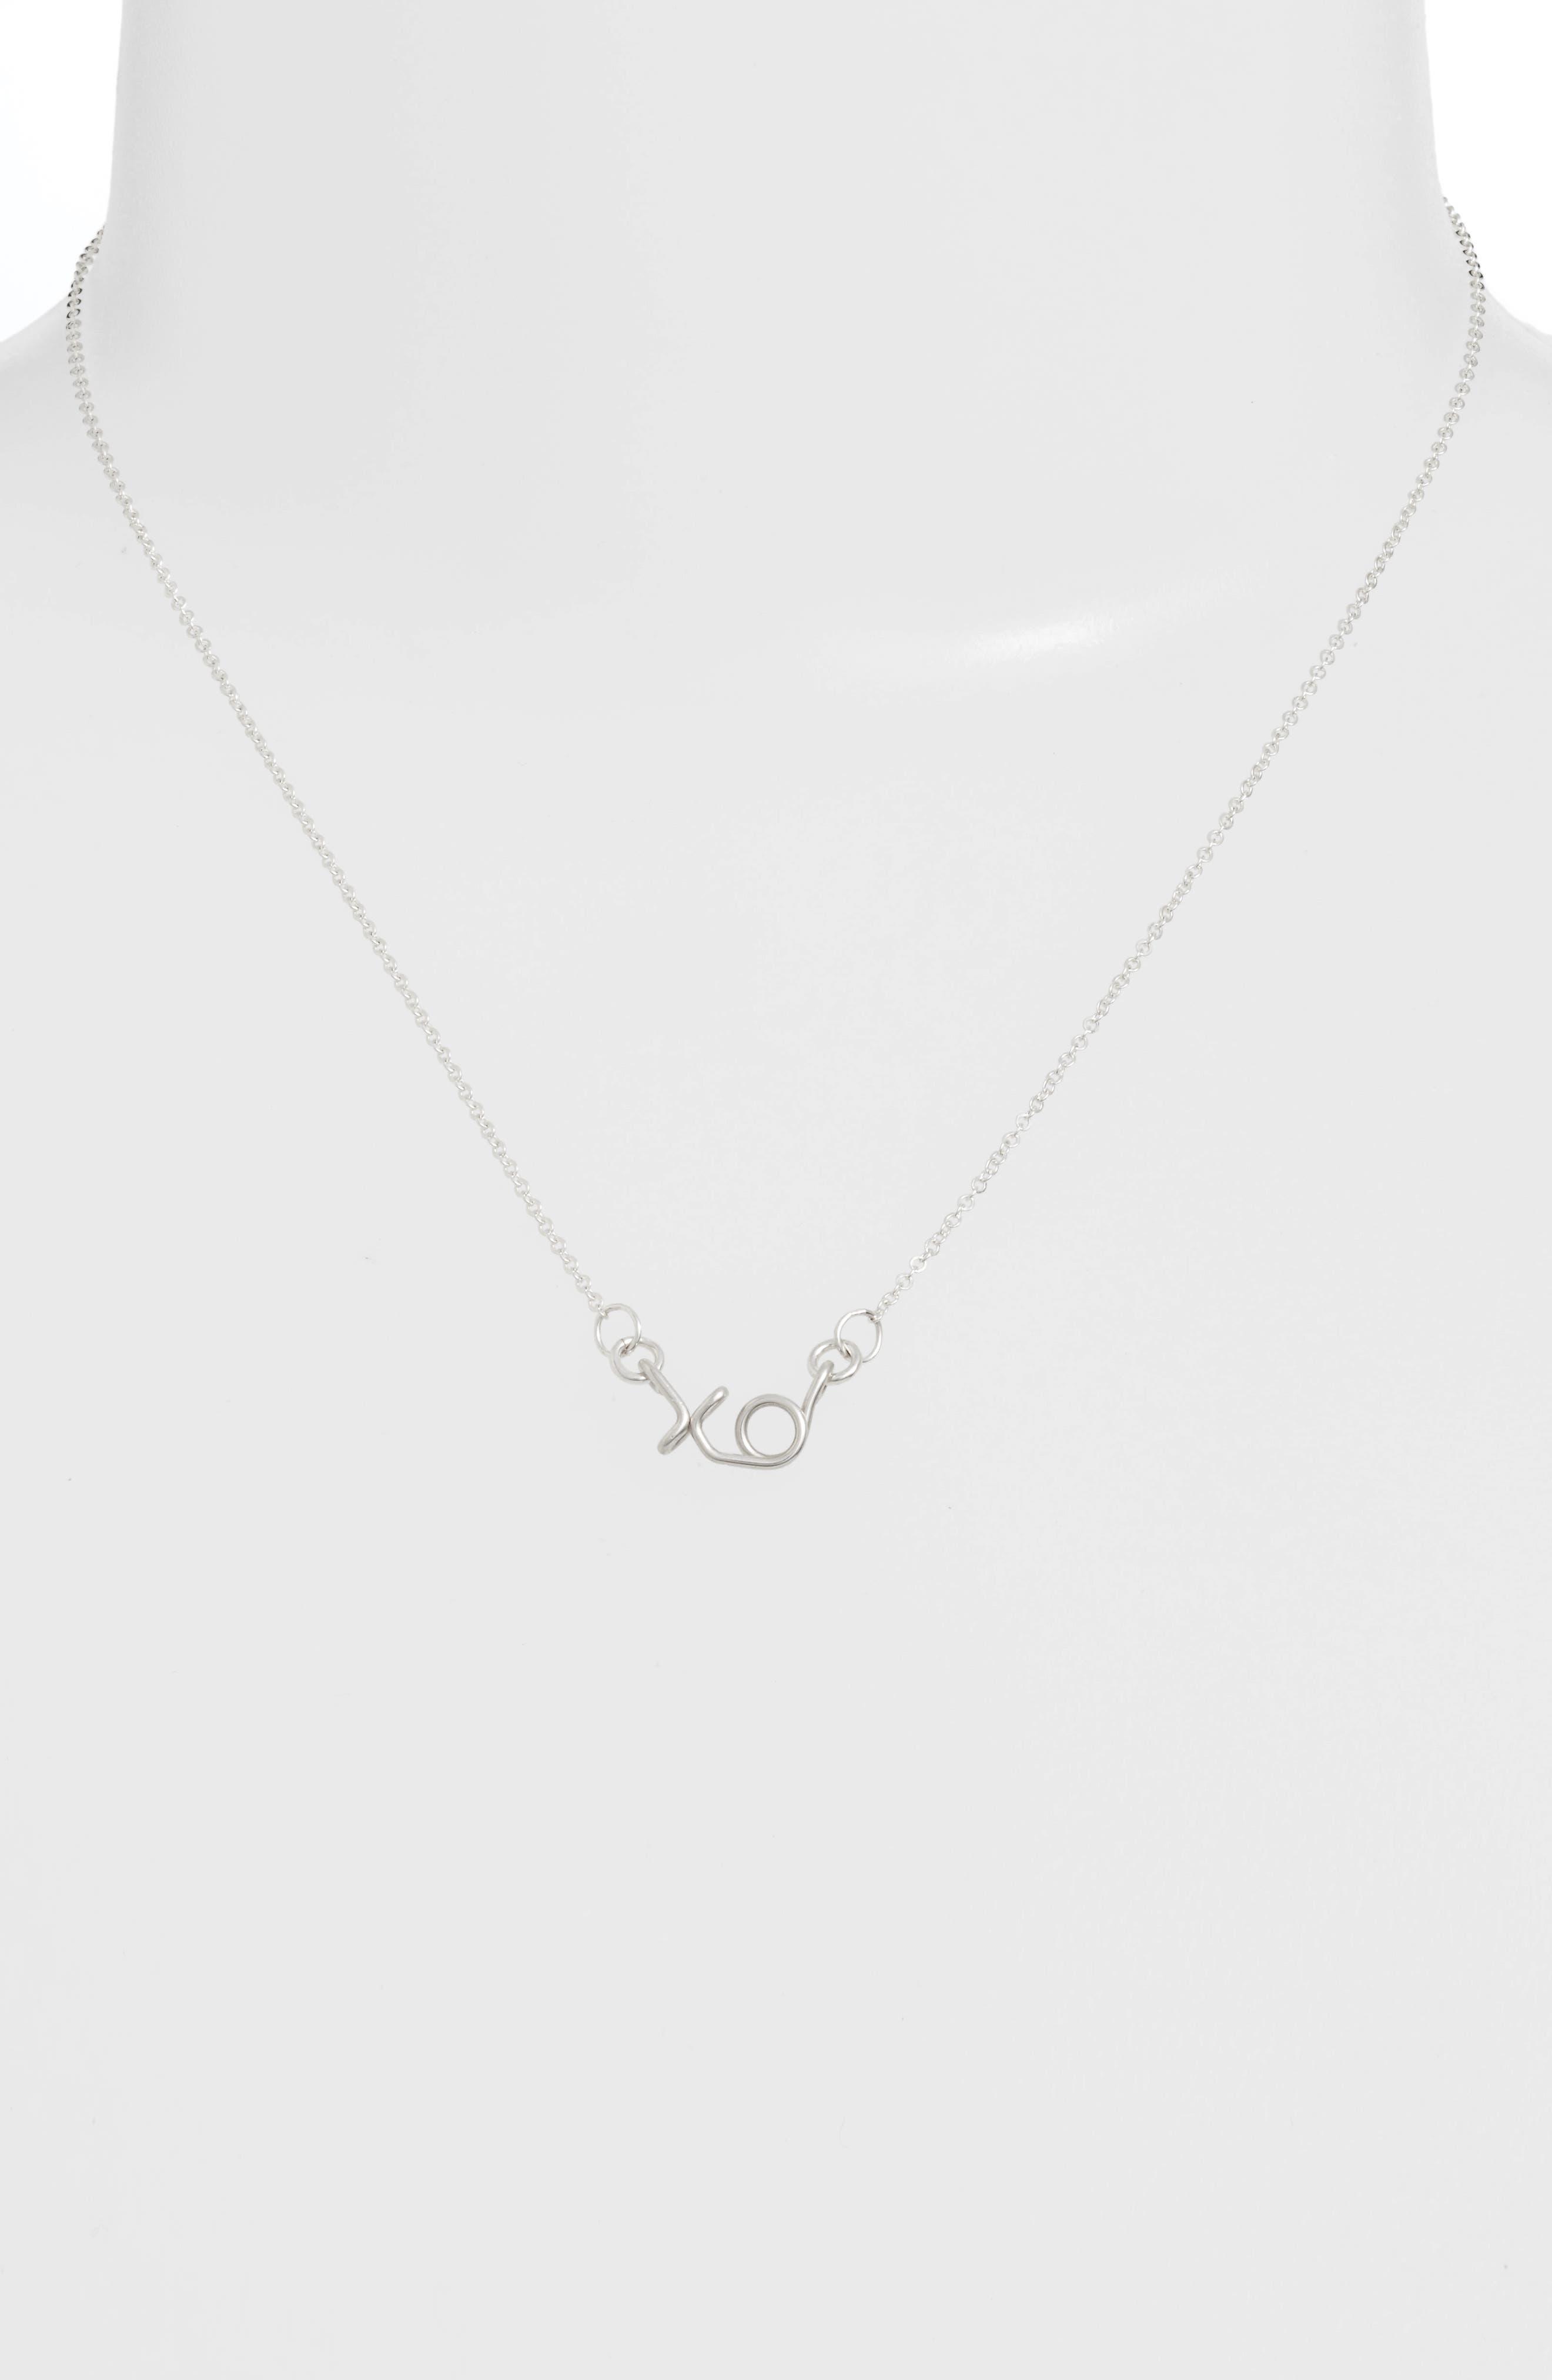 Mini XO Pendant Necklace,                             Alternate thumbnail 2, color,                             040